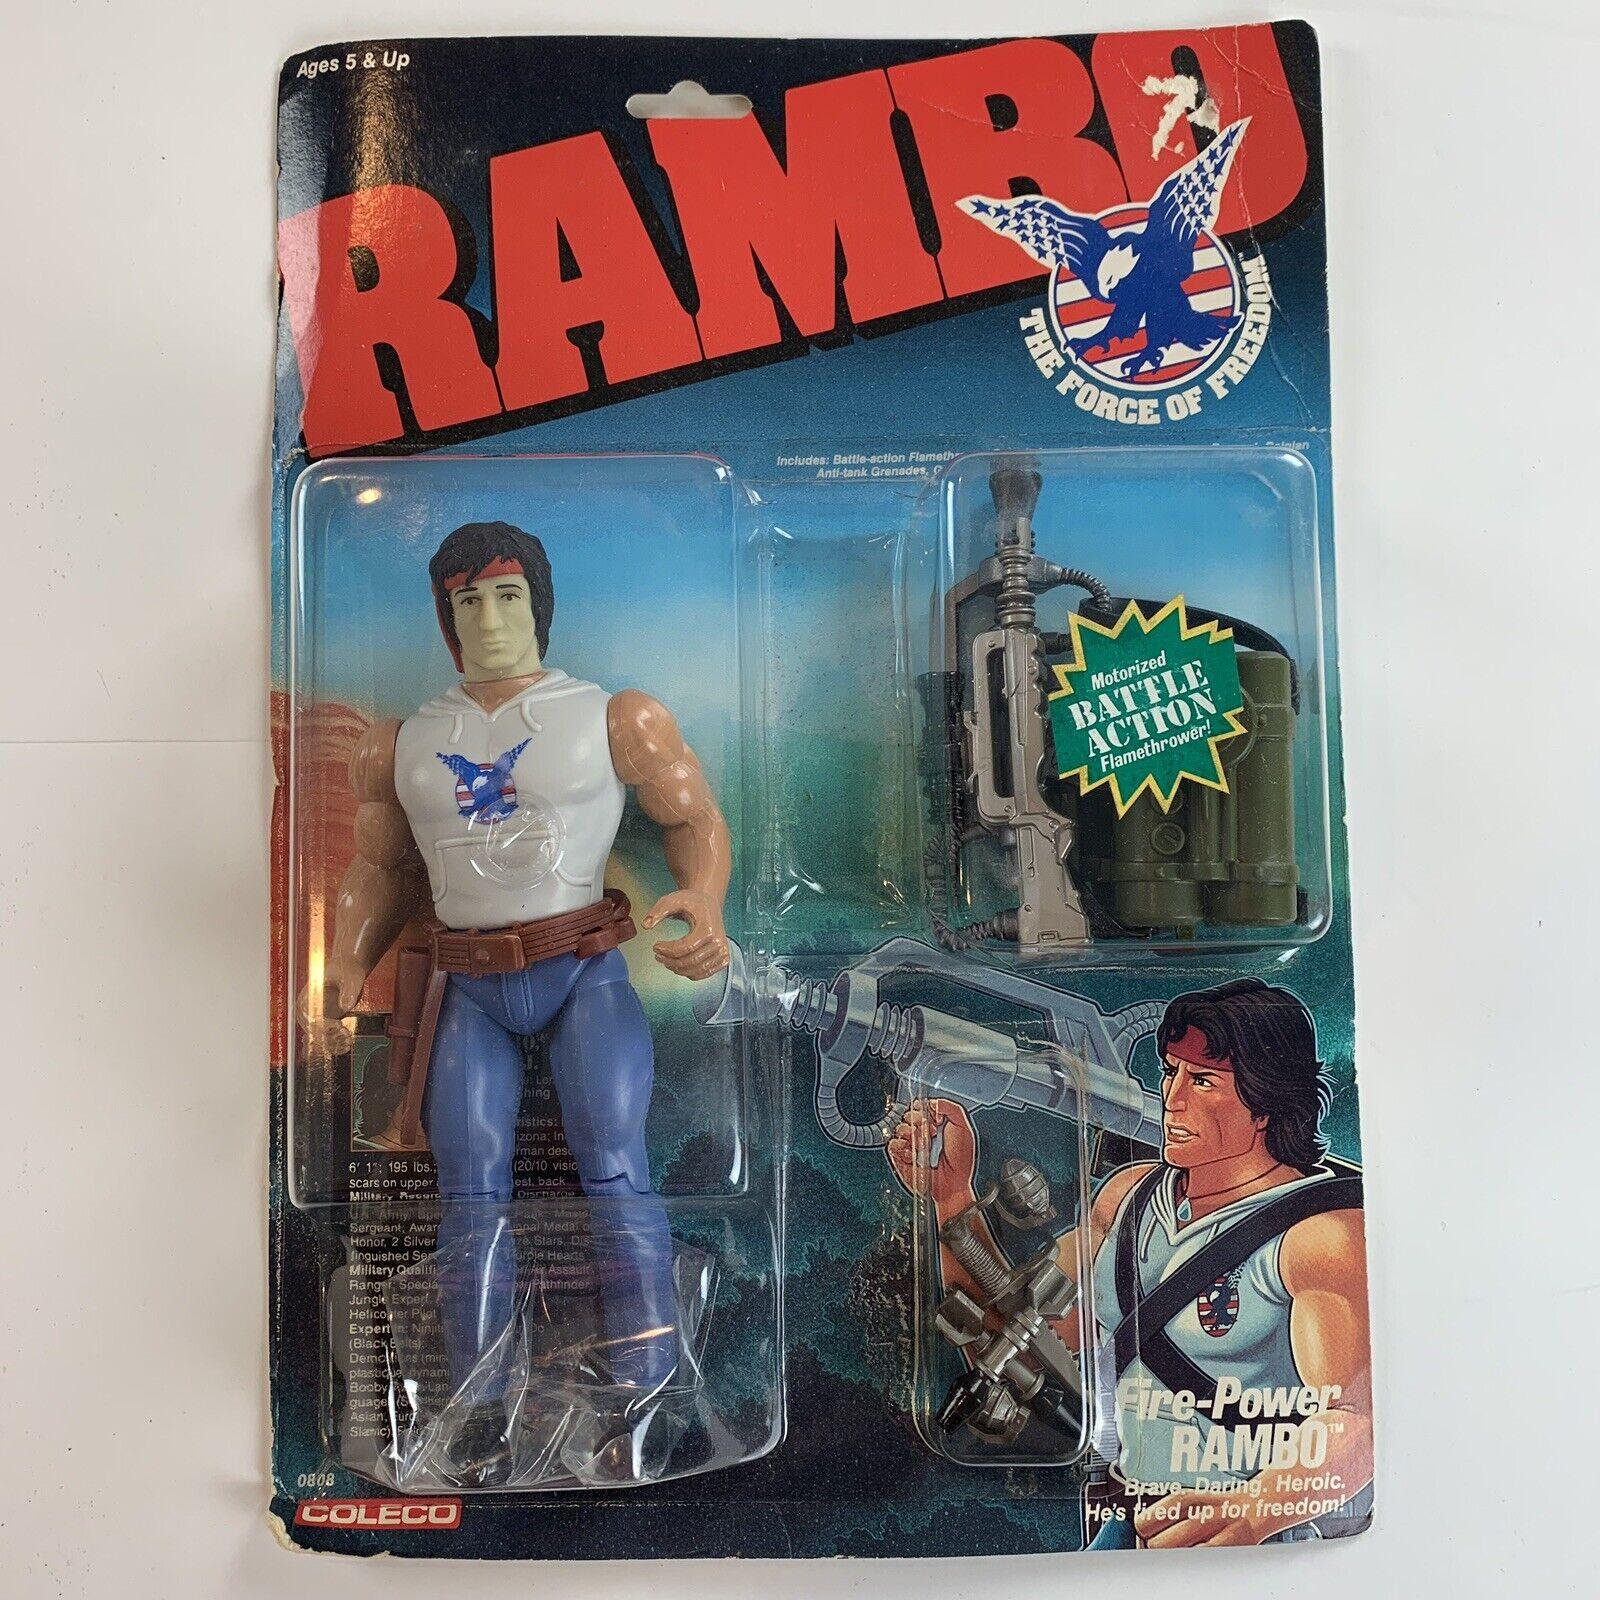 RAMBO The Force of gratuitodom Fire-energia Rambo cifra nuovo  UNOPENED scatola  punti vendita